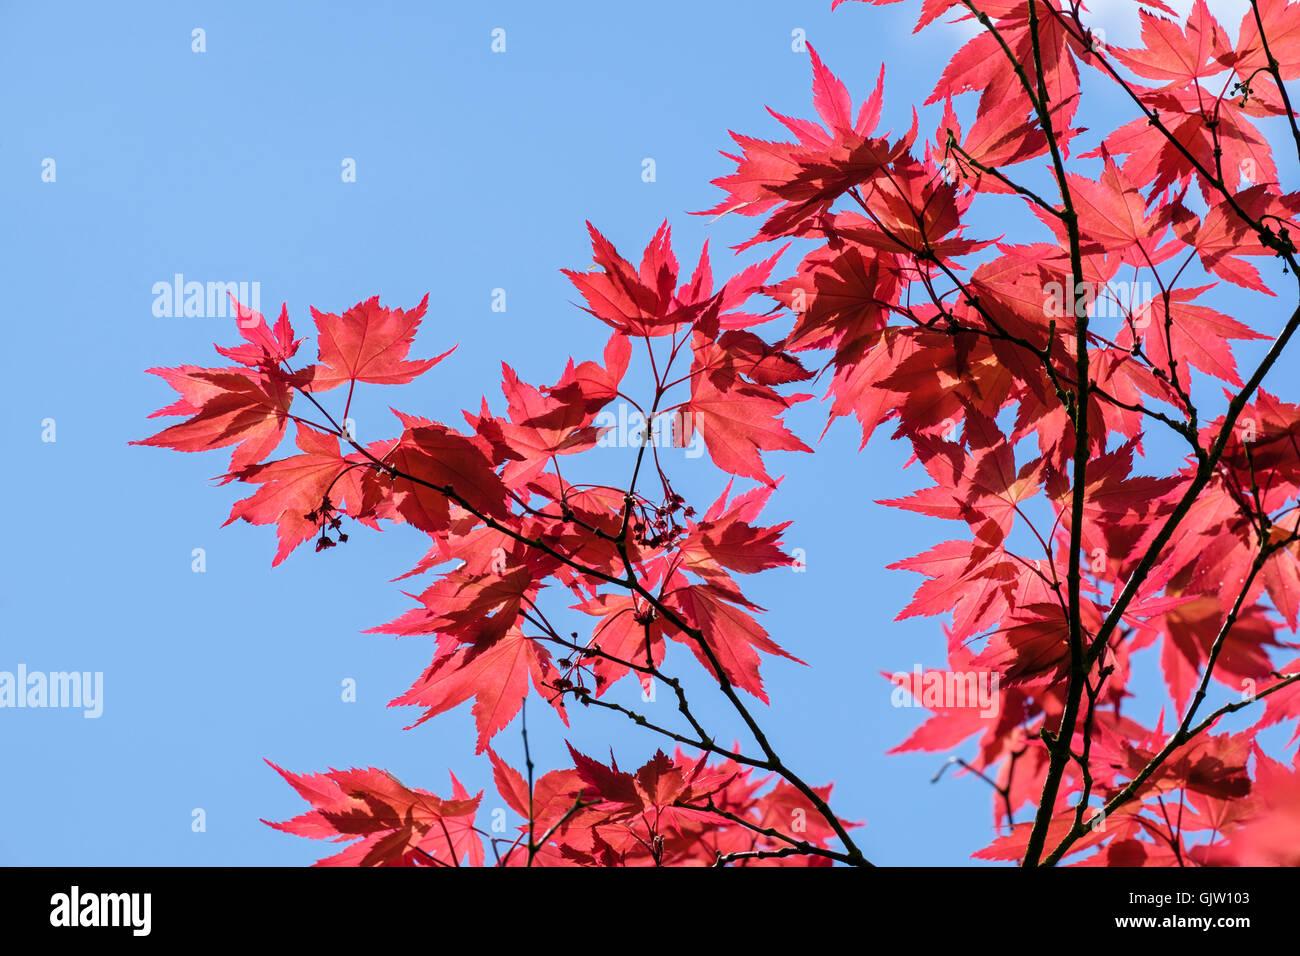 Acero Blu Giapponese retroilluminato acero giapponese (acer palmatum) fogliame